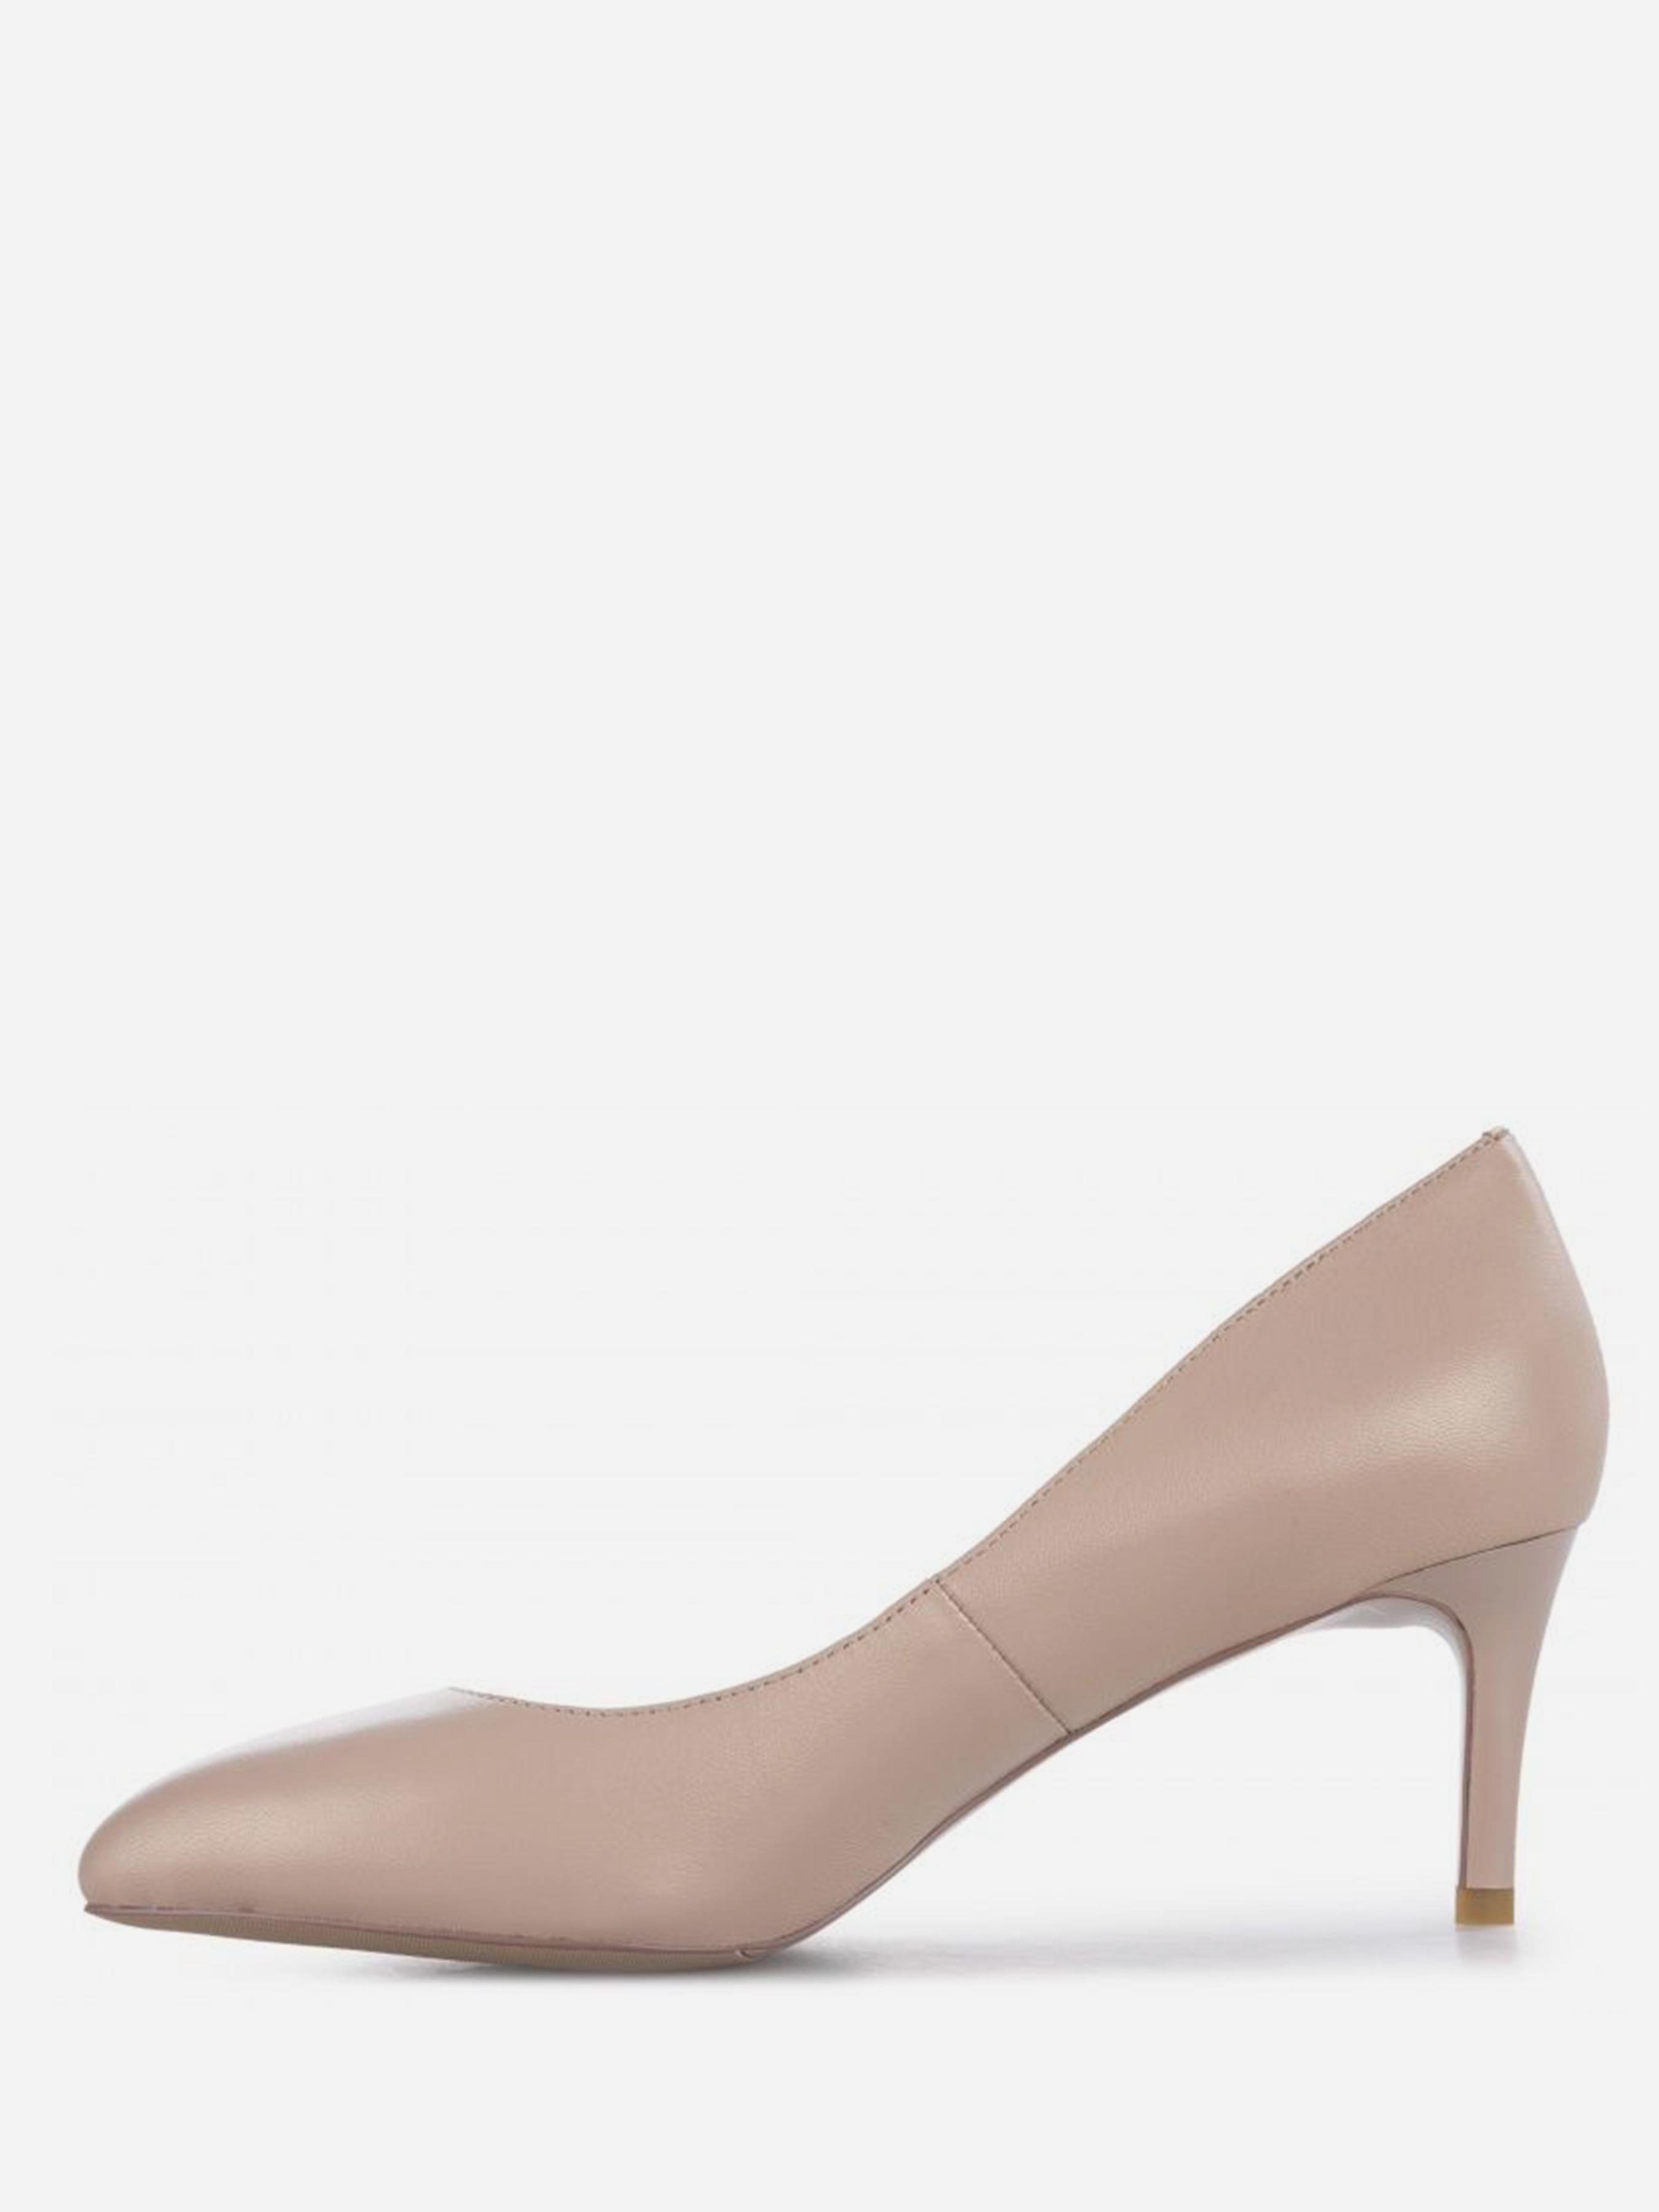 Туфлі  жіночі Braska туфлі жін.(36-41) 913-6021/104-070 фото, купити, 2017